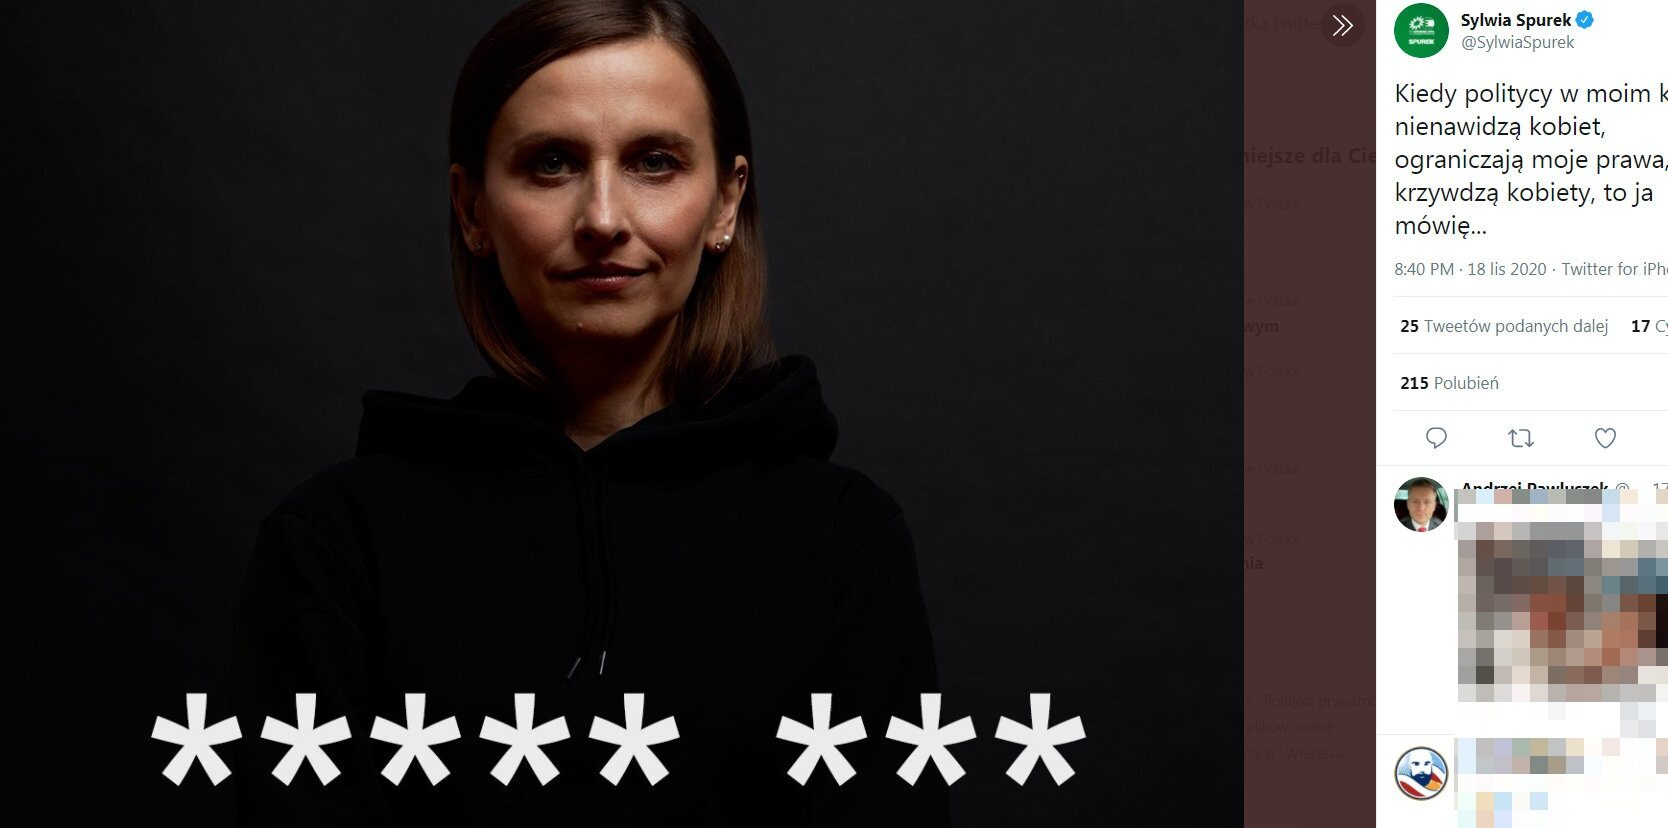 Europosłanka Sylwia Spurek zabrała głos w sprawie trwających w Polsce protestów. Polityk nie użyła jednak merytorycznych argumentów, tylko wulgaryzmów.